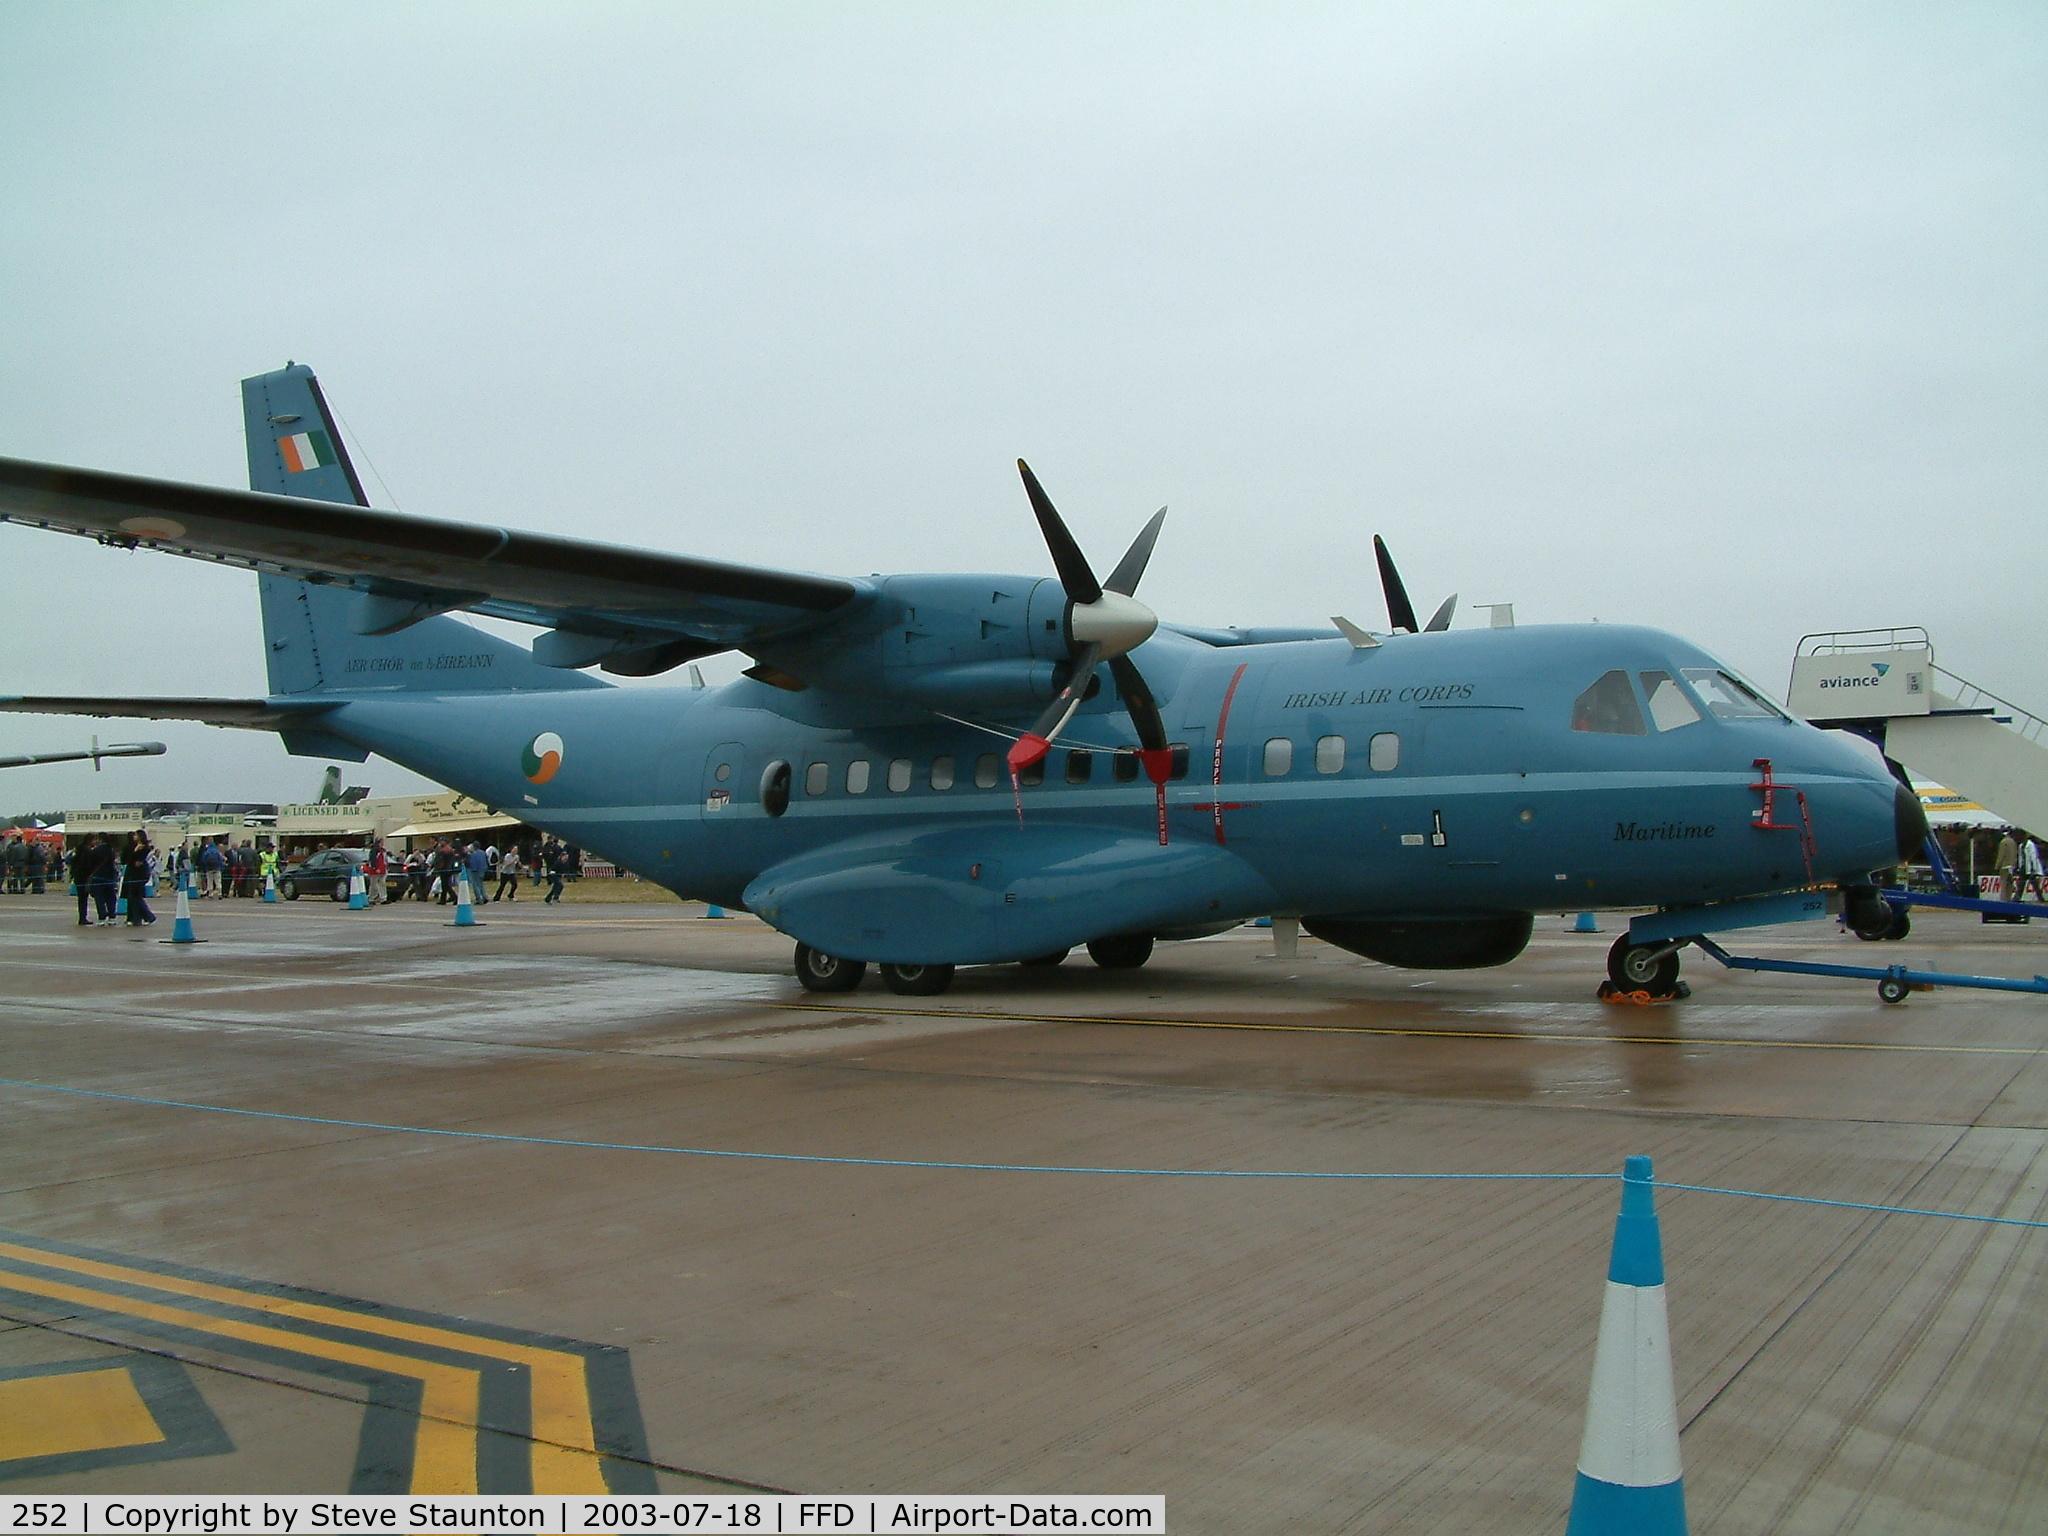 252, 1994 Airtech CN-235-100M C/N C085, Royal International Air Tattoo 2003